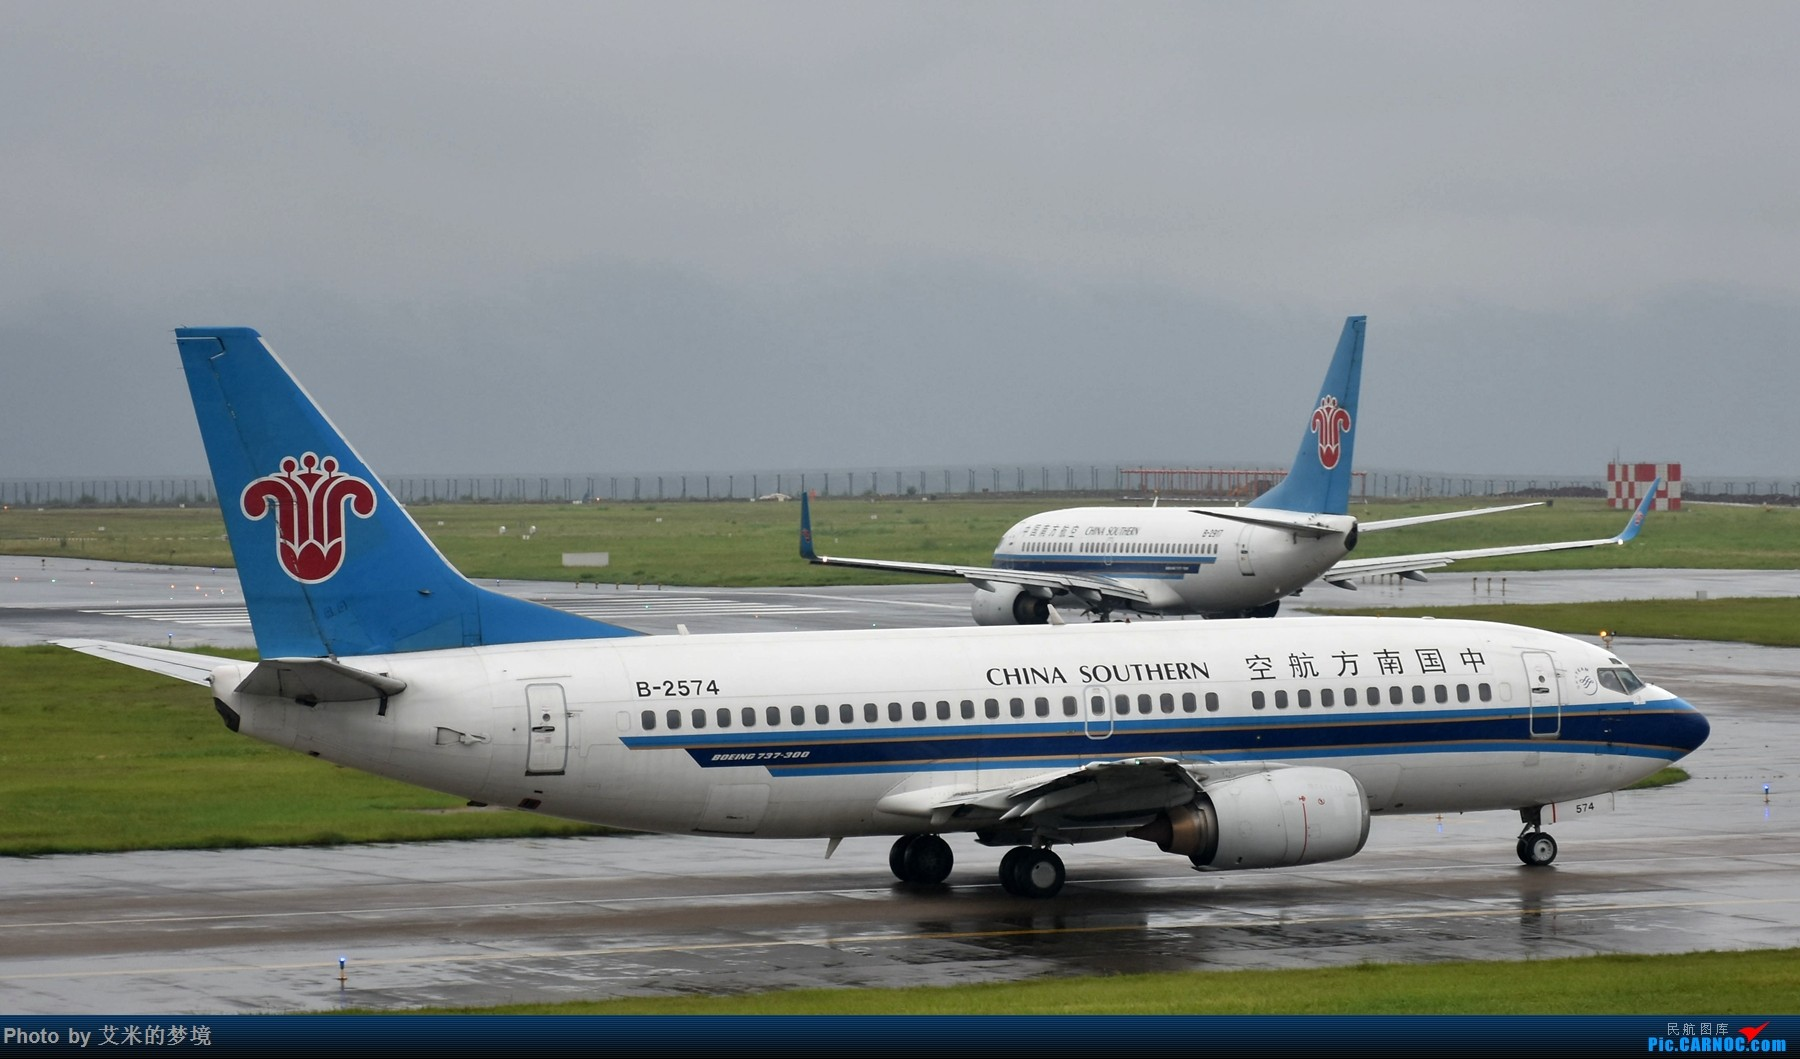 Re:[原创]【carnoc重庆飞友会】7.14雨中奔袭。。又被放鸽子的首航日 BOEING 737-300 B-2574 中国重庆江北国际机场